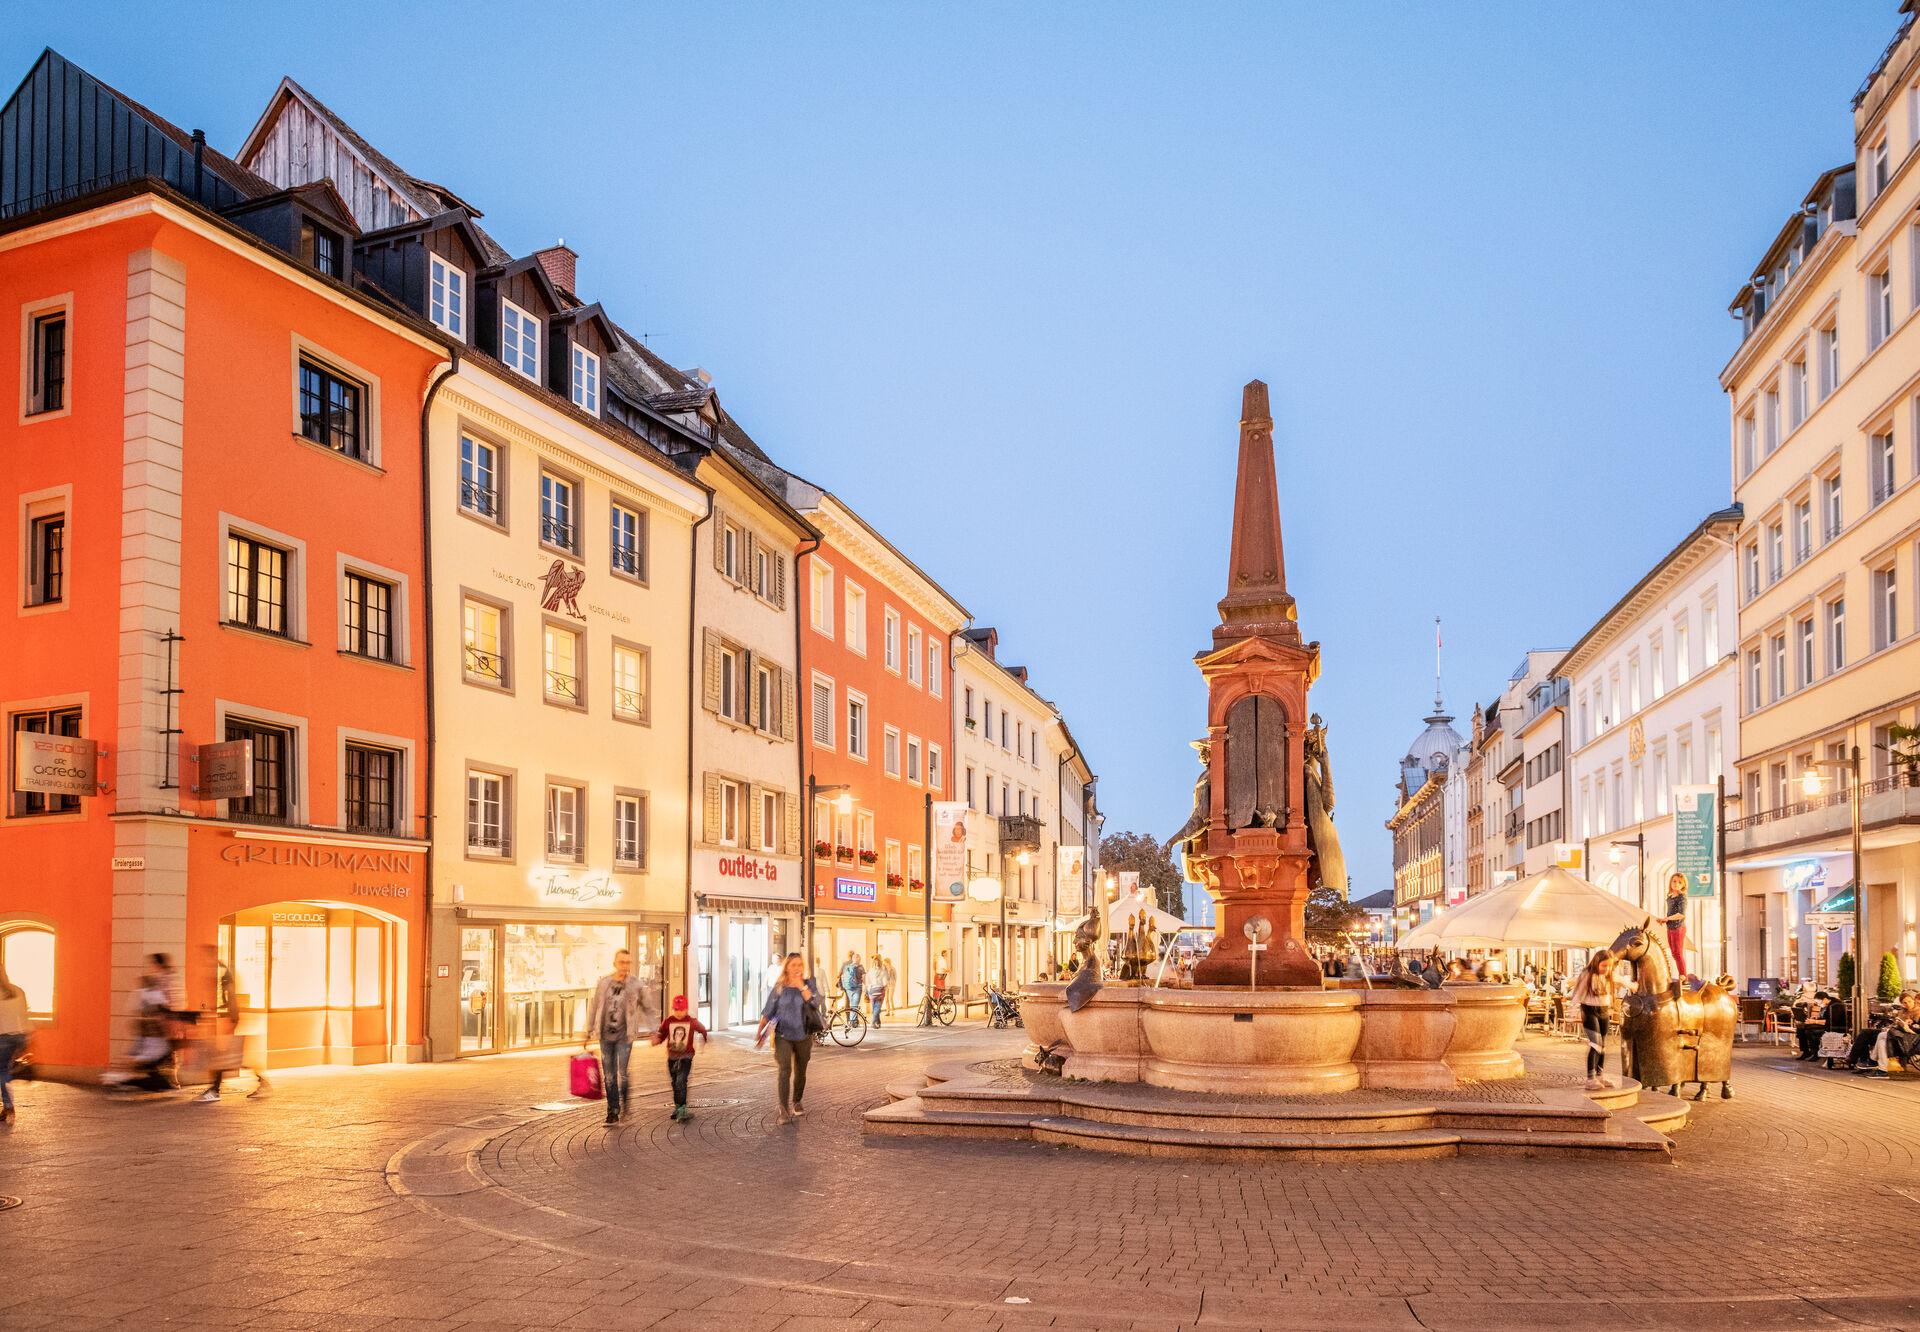 Konstanz-Innenstadt-Marktstaette-Kaiserbrunnen-Abendstimmung-02_Herbst_Copyright_MTK-Dagmar-Schwelle